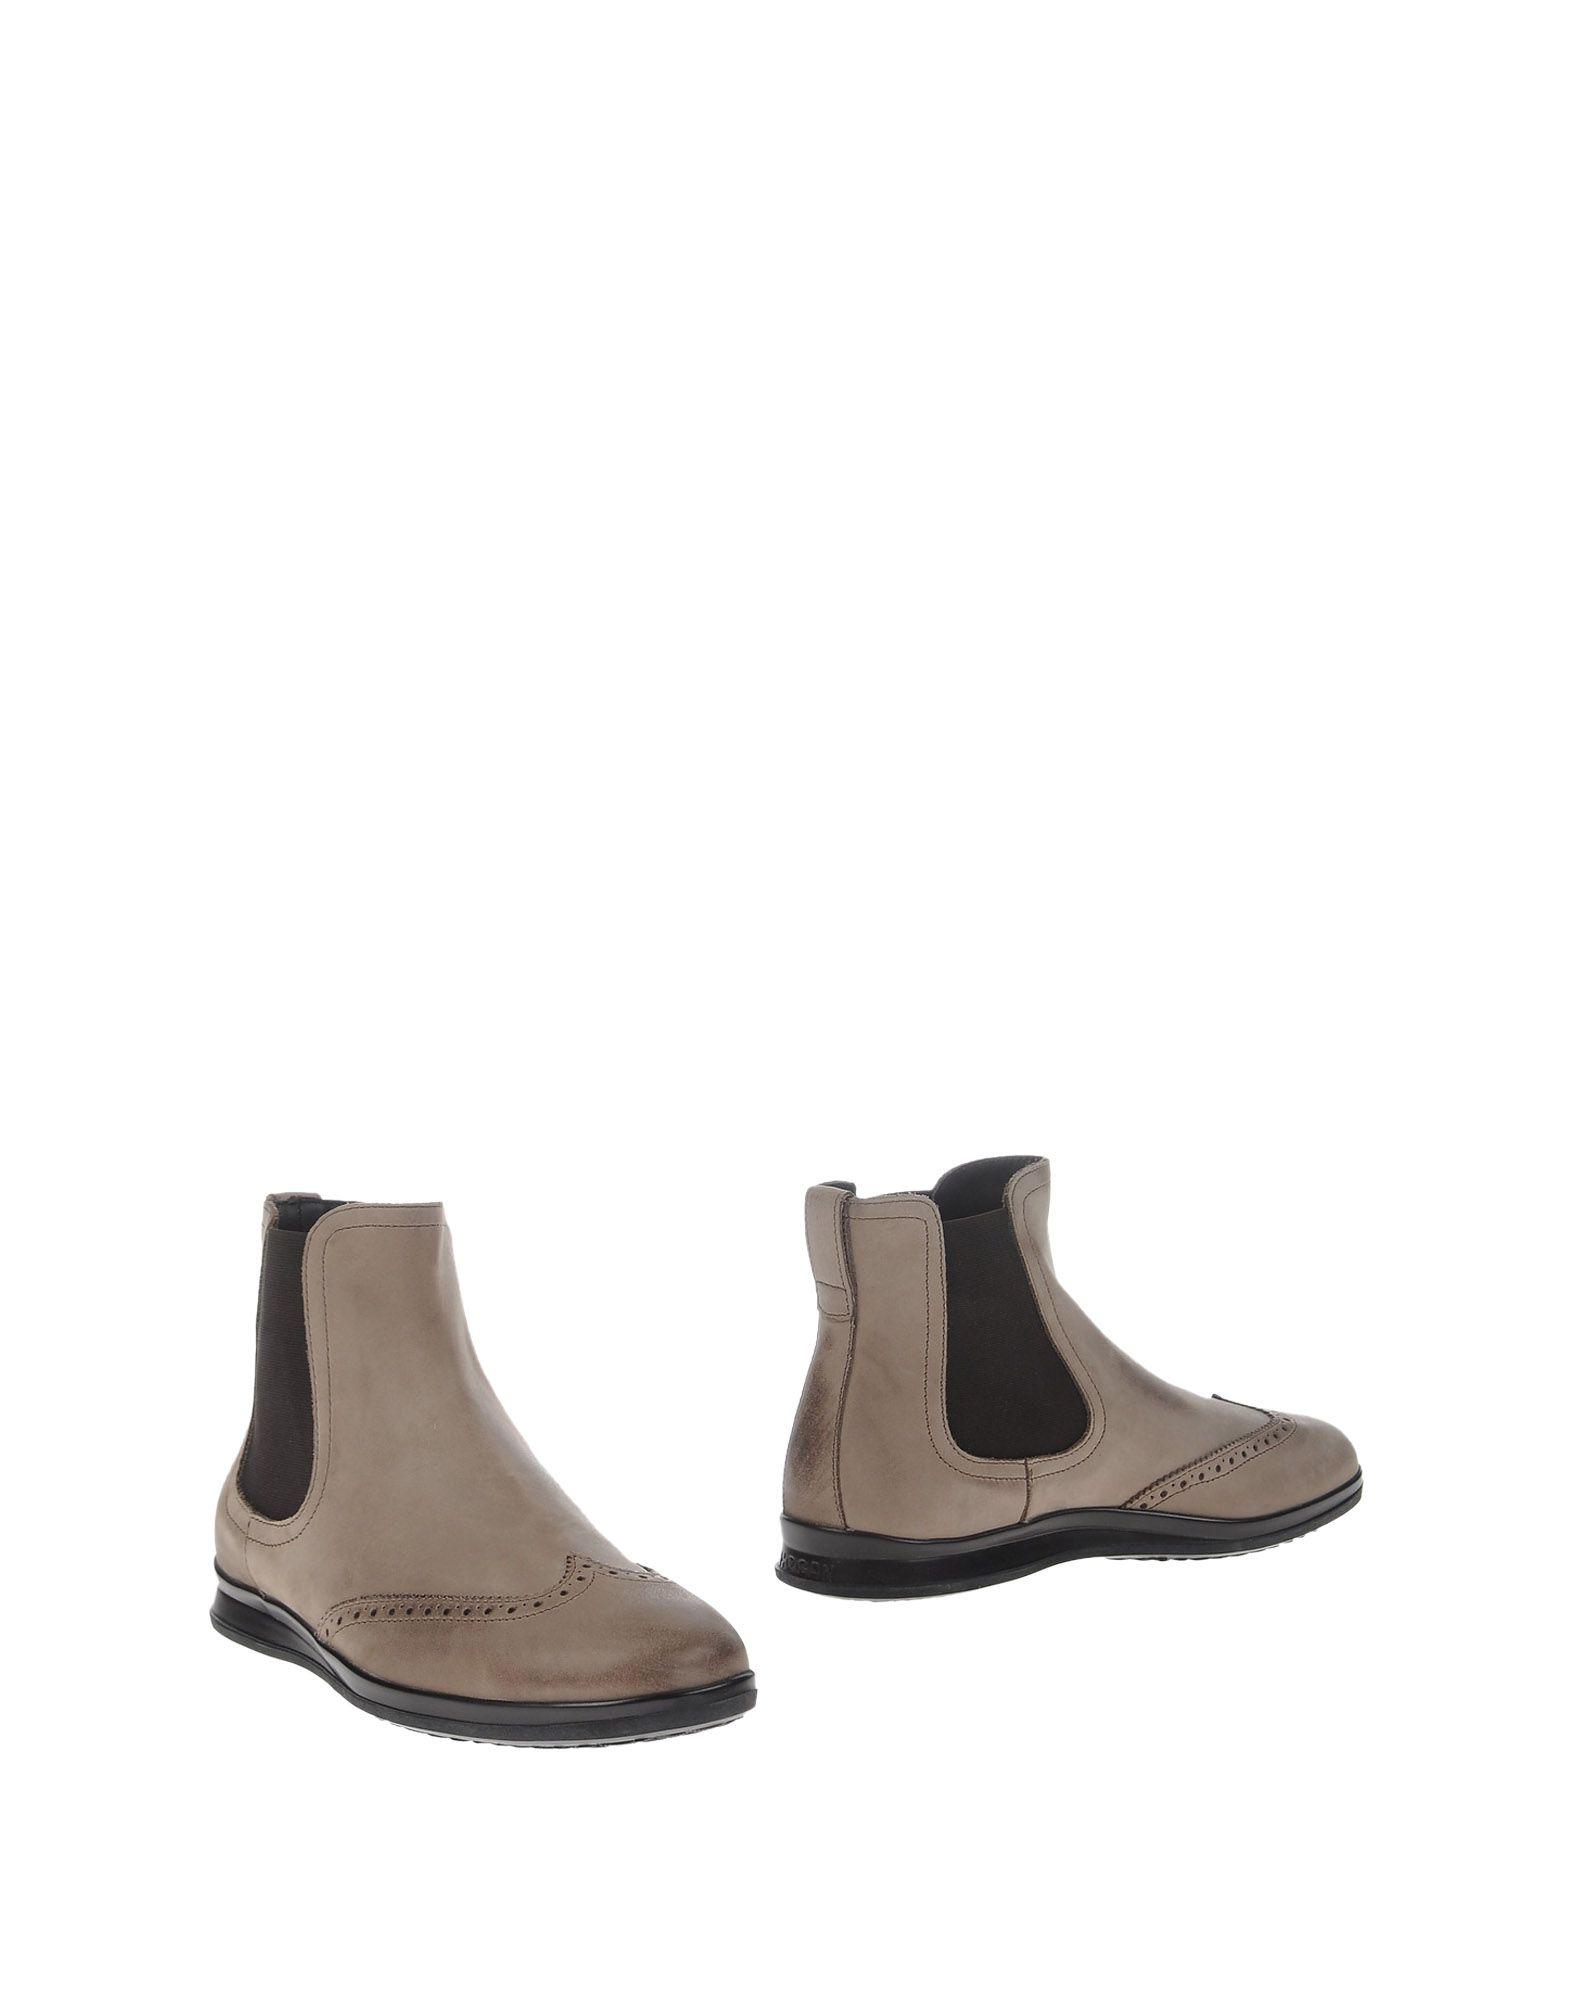 Hogan Stiefelette Herren  11088134MO Gute Qualität beliebte Schuhe